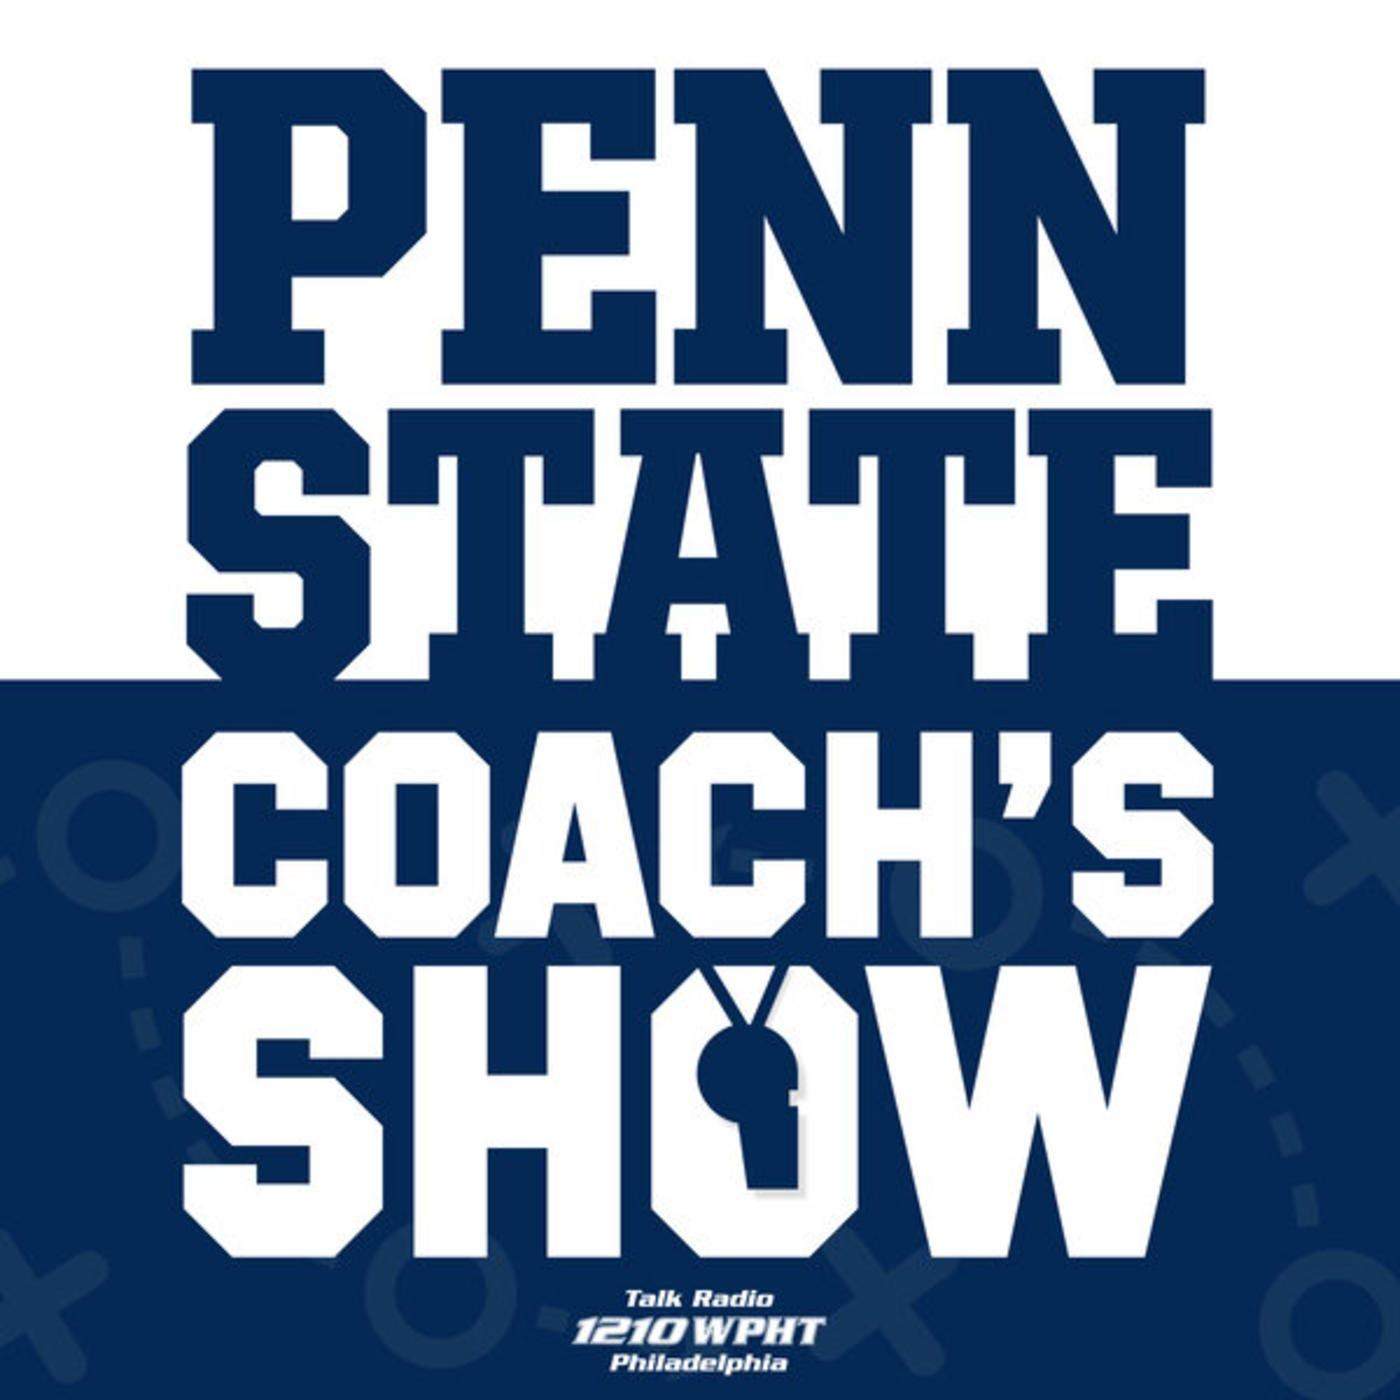 Penn State Coach's Show